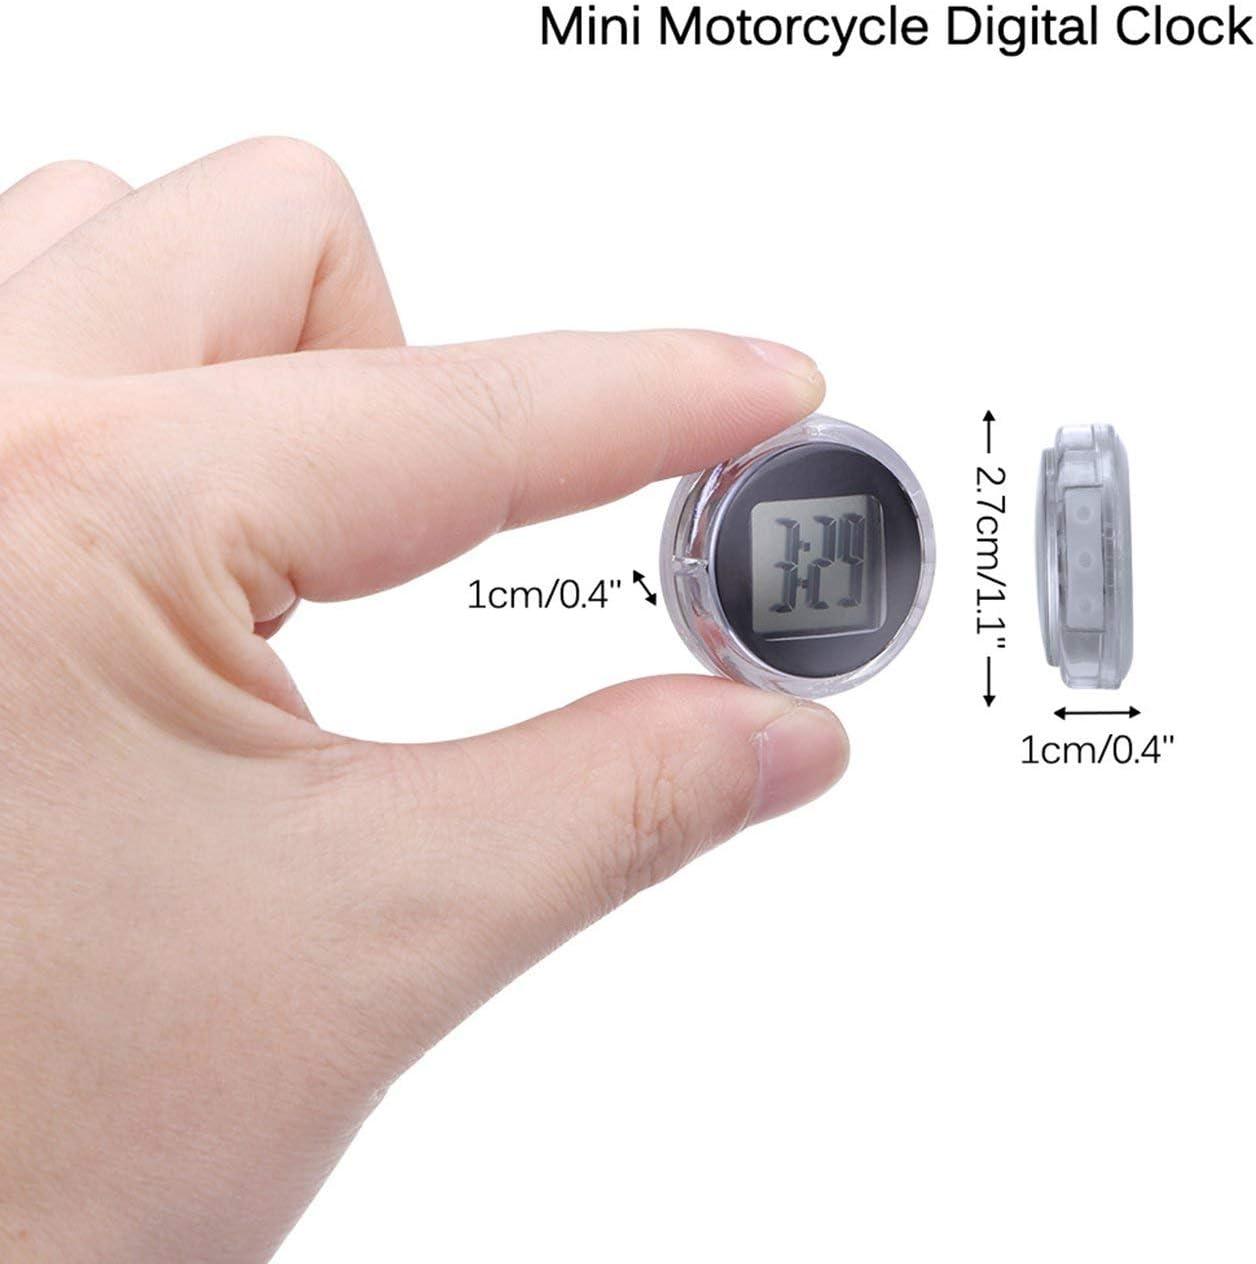 Noir Horloges de moto Montre /étanche Stick-On Moto Mont Montre Moto Horloge num/érique Costume pour toutes les voitures Moto